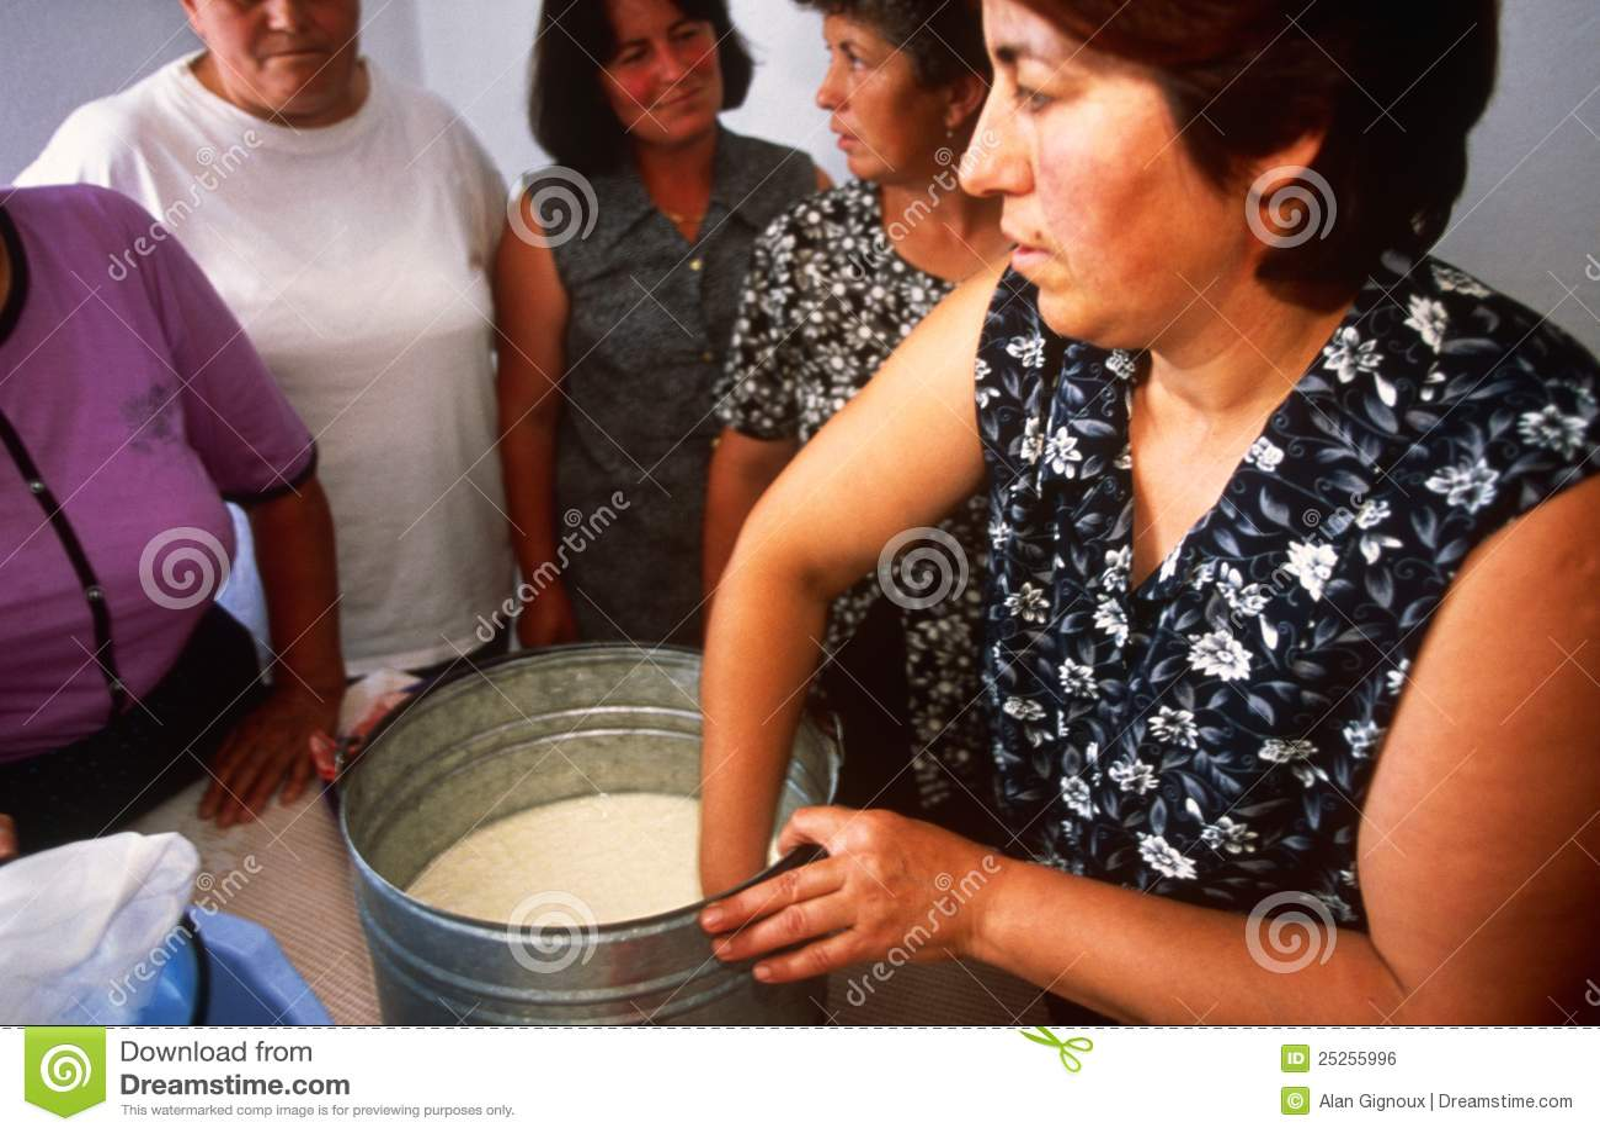 bosnische vrouwen társkereső viccek a szén társkereső